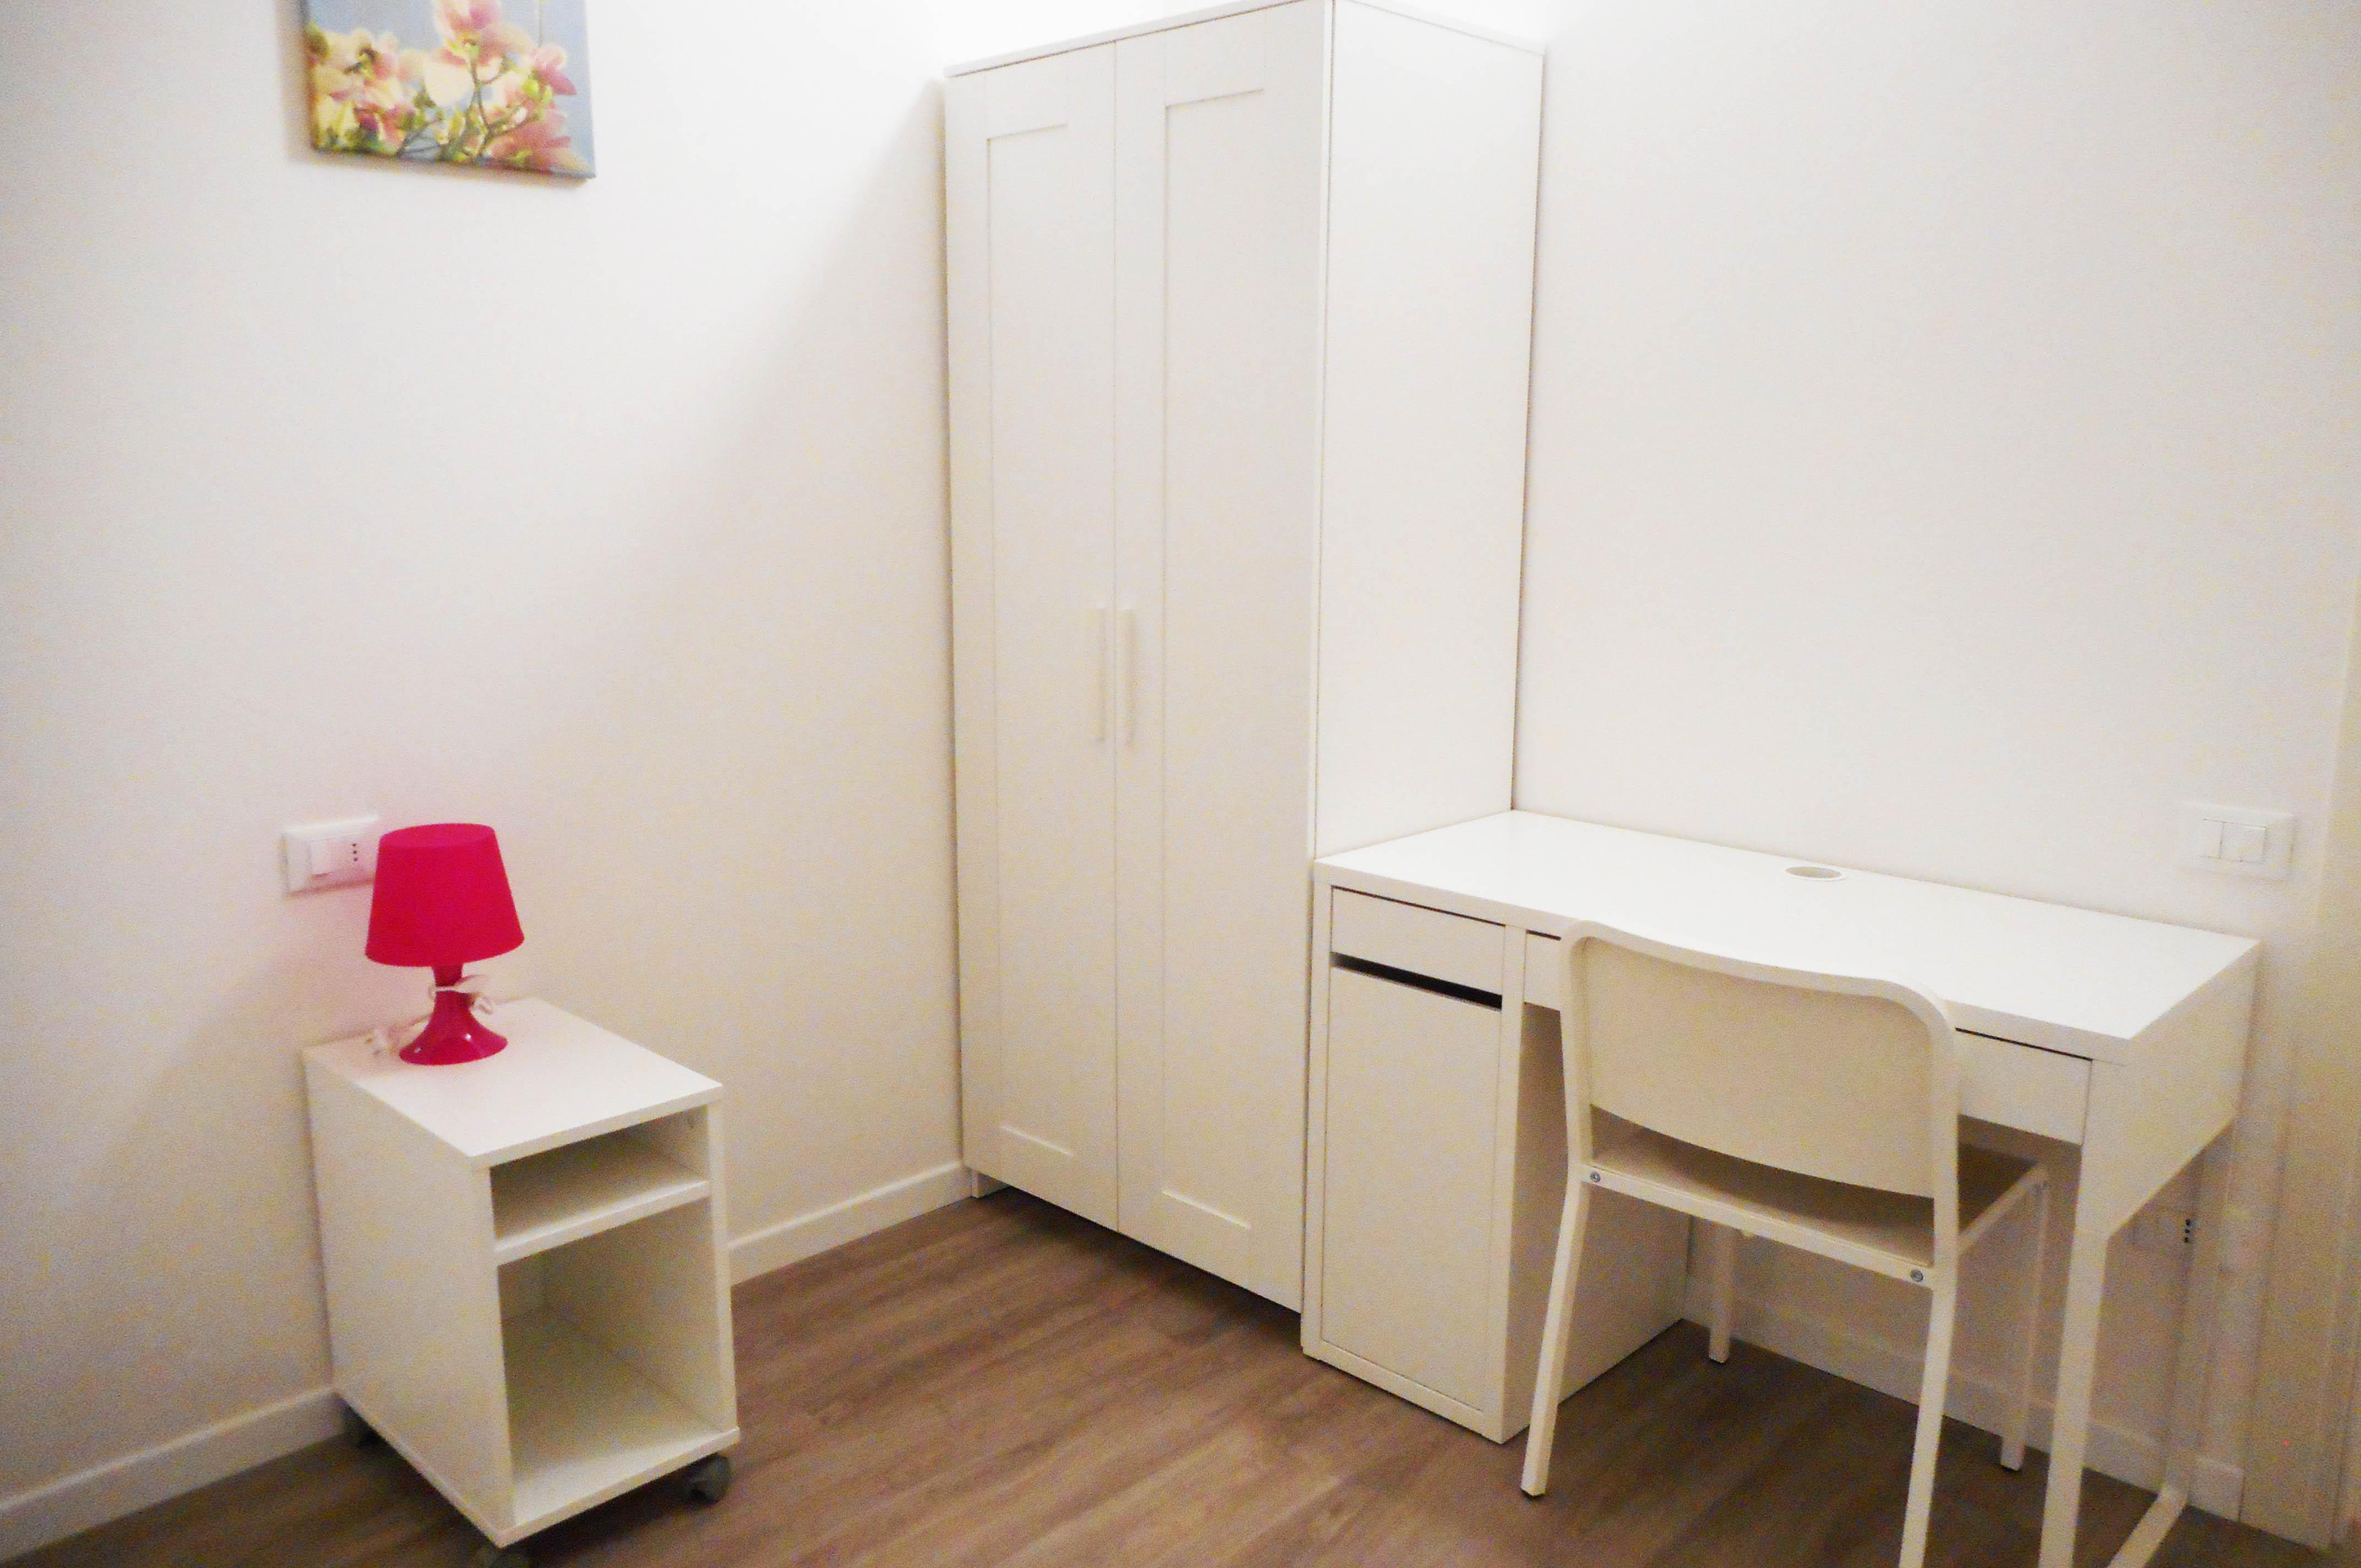 Camere-in-Affitto-Treviso-Villorba-Studio-Architettura-Zanatta-82